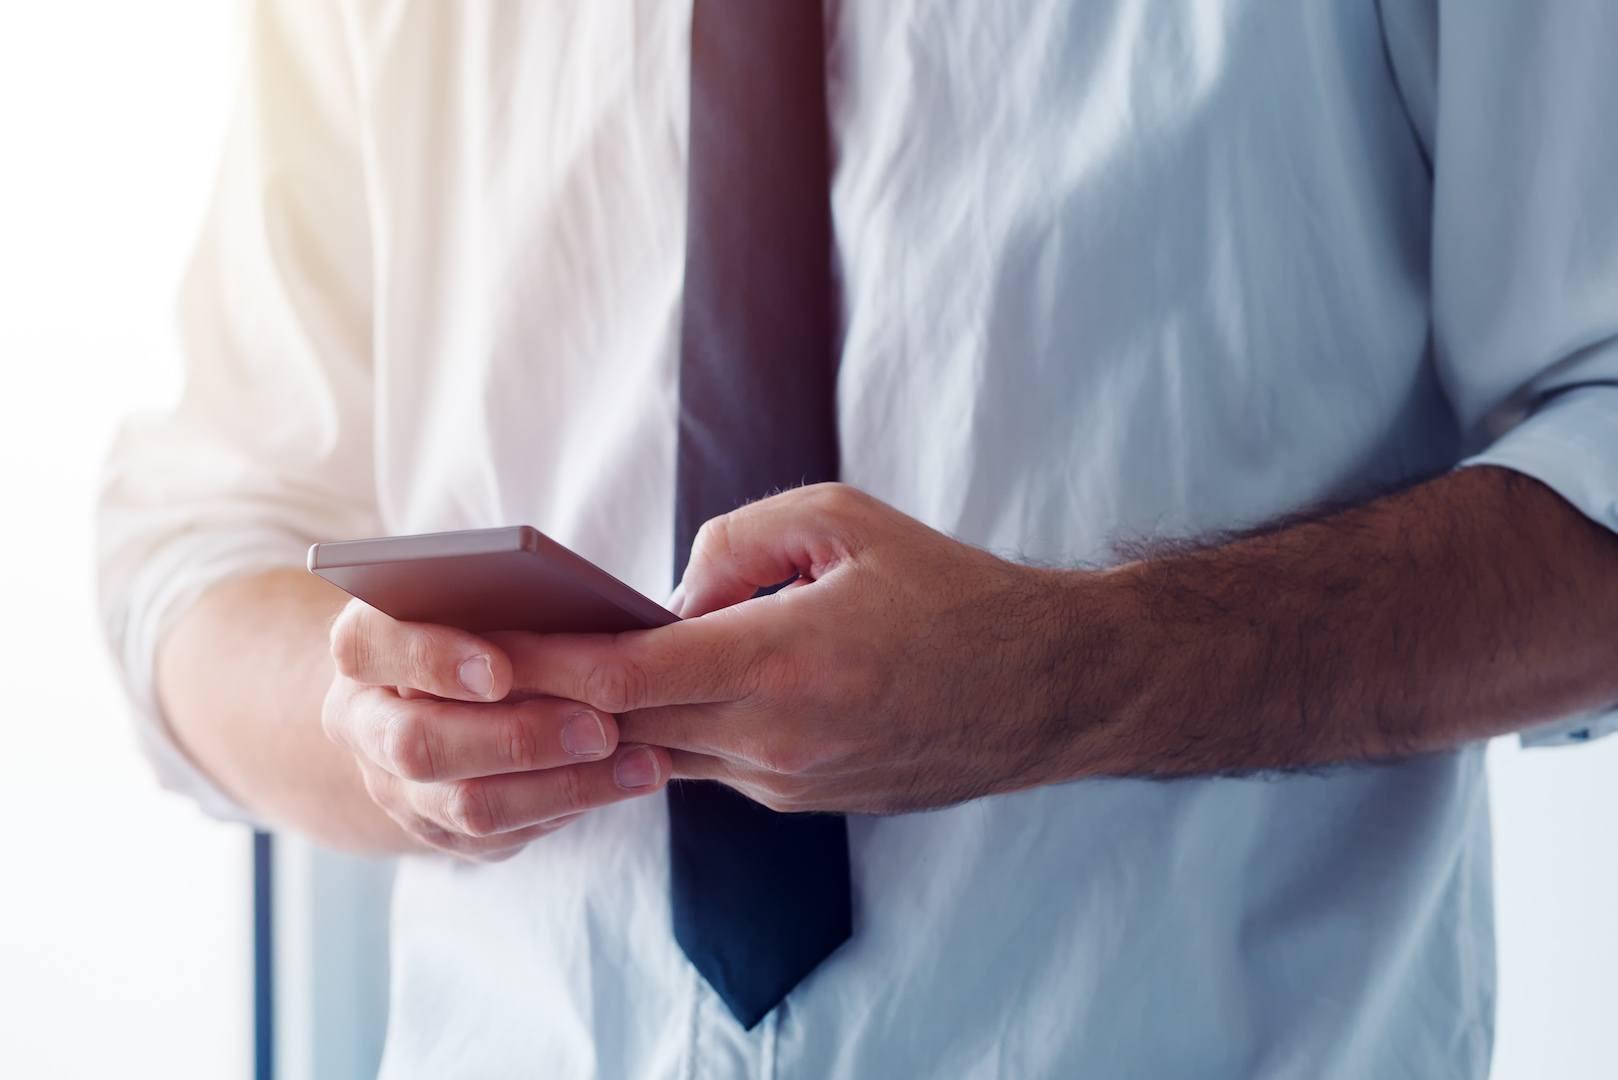 Taxas de resposta em aplicações de troca de mensagens são muito altas